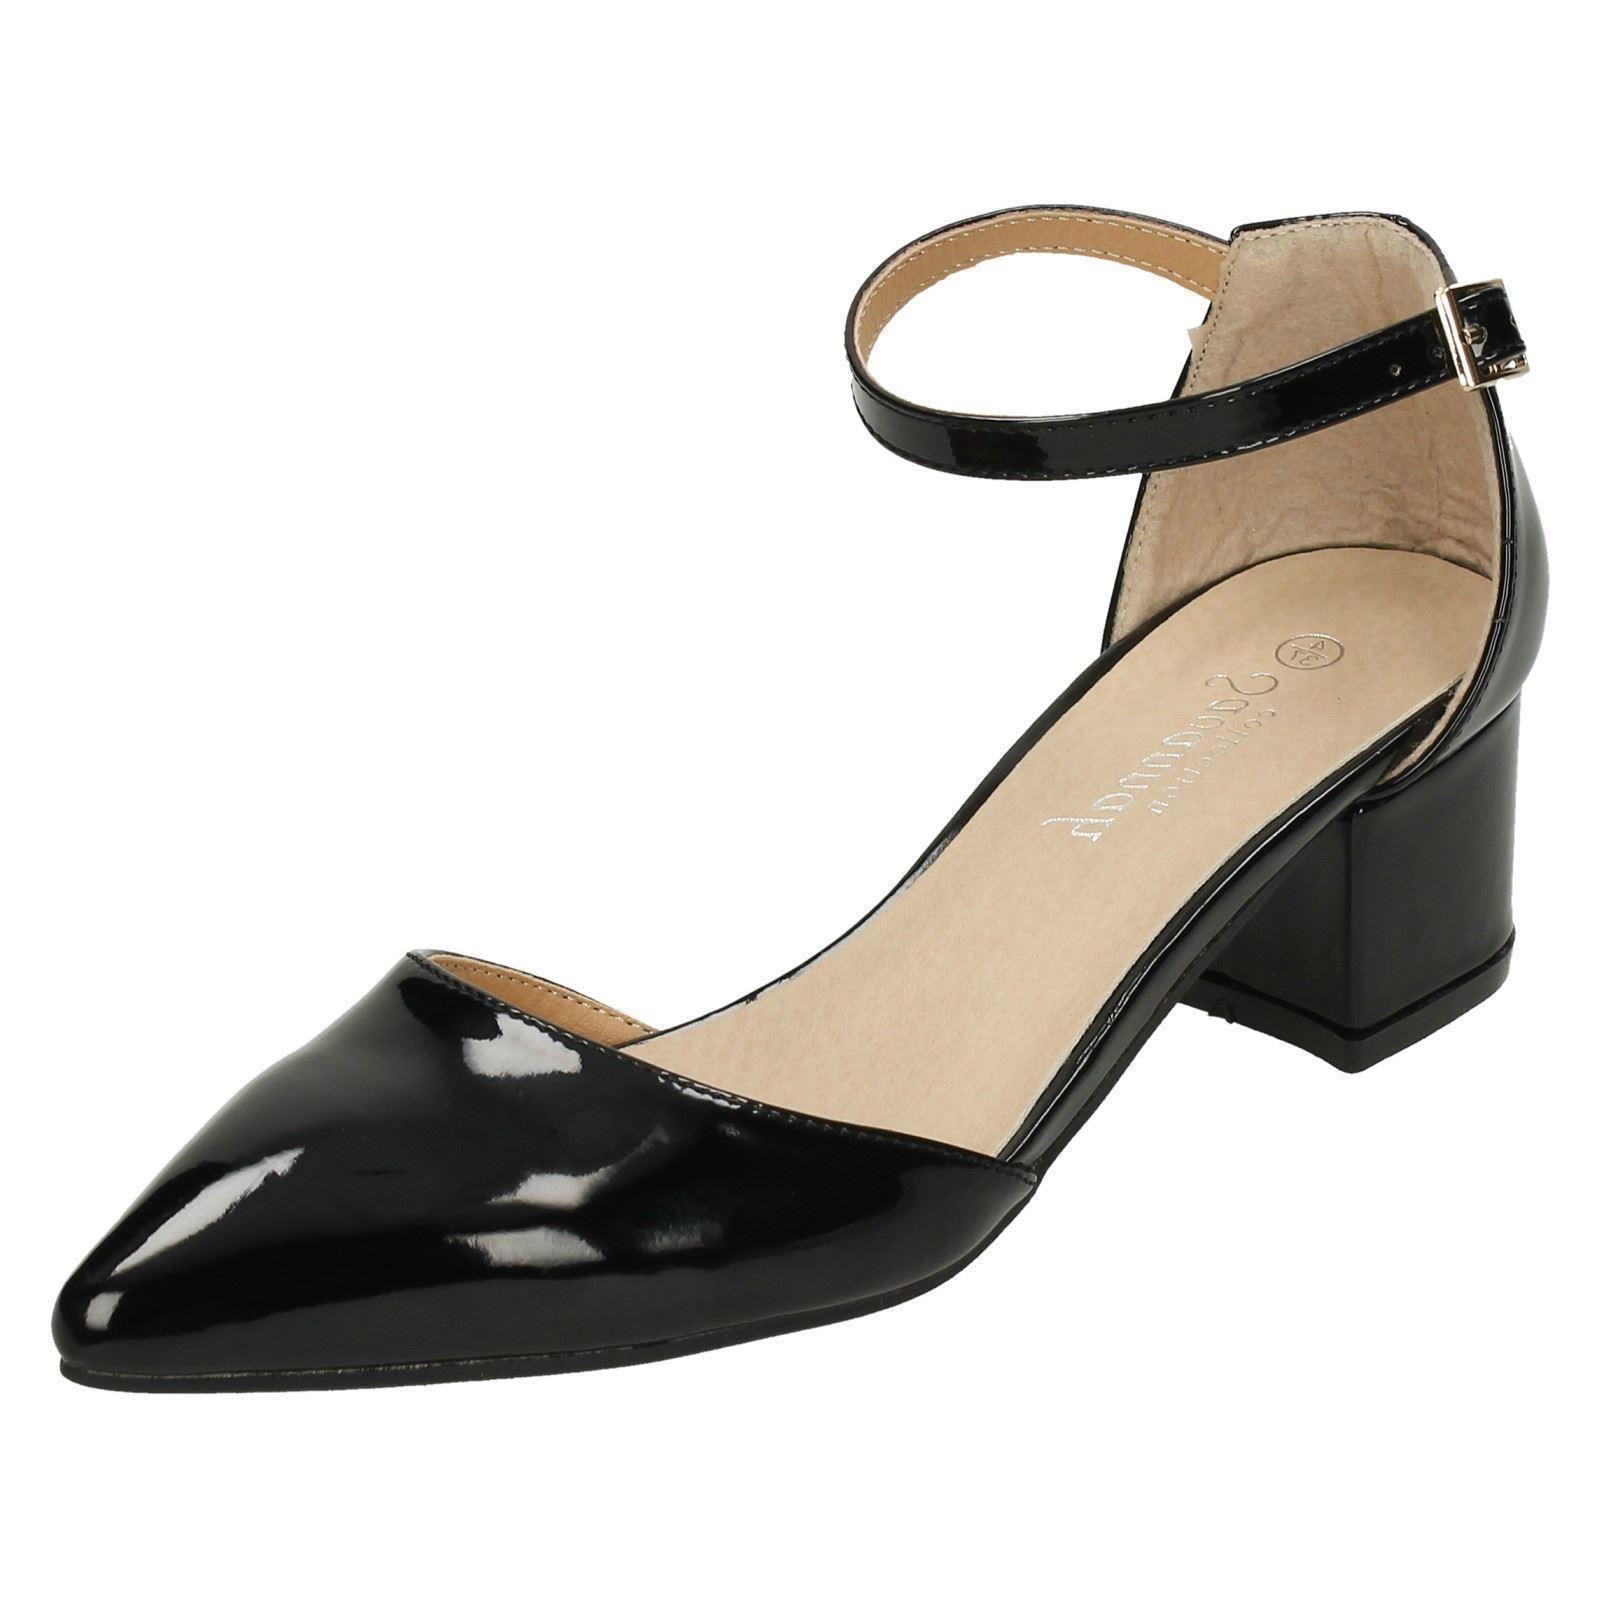 Damen Savannah mittelhoch Bund Schuhe